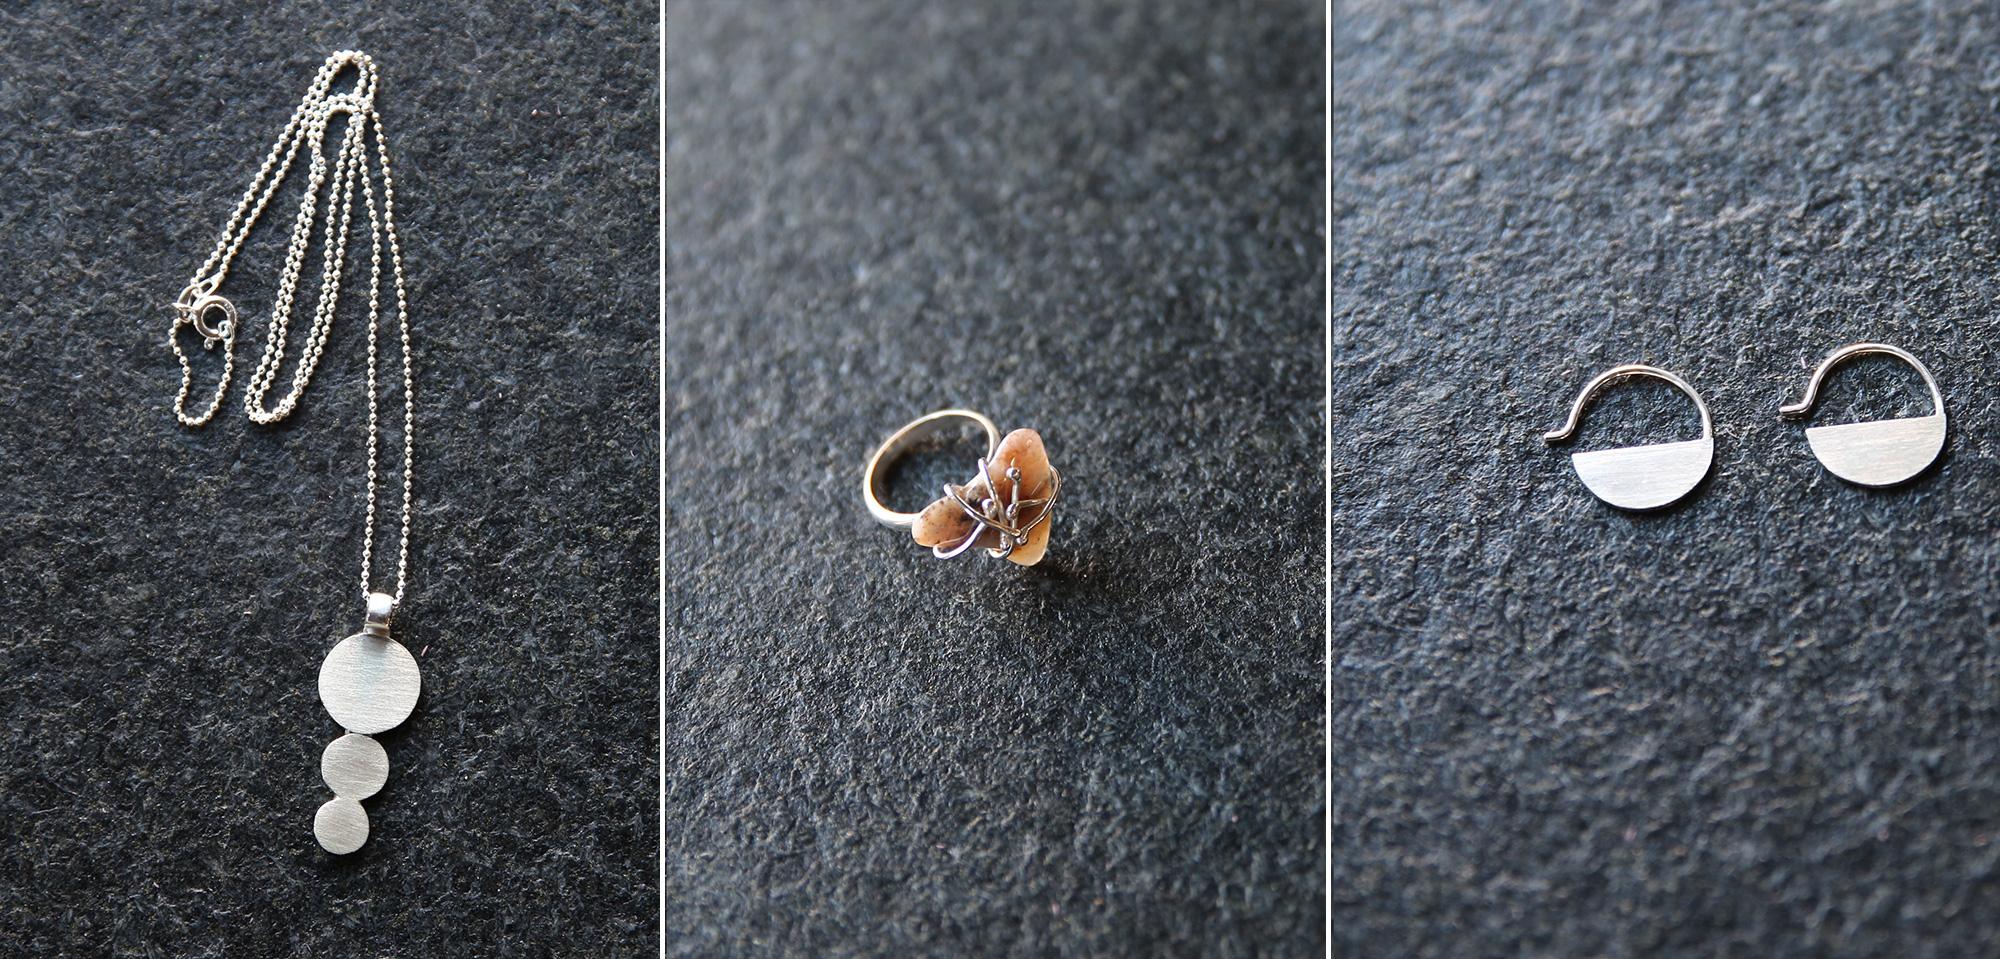 Her er lidt eksempler på smykker, som du kan lave i faget Smykkedesign